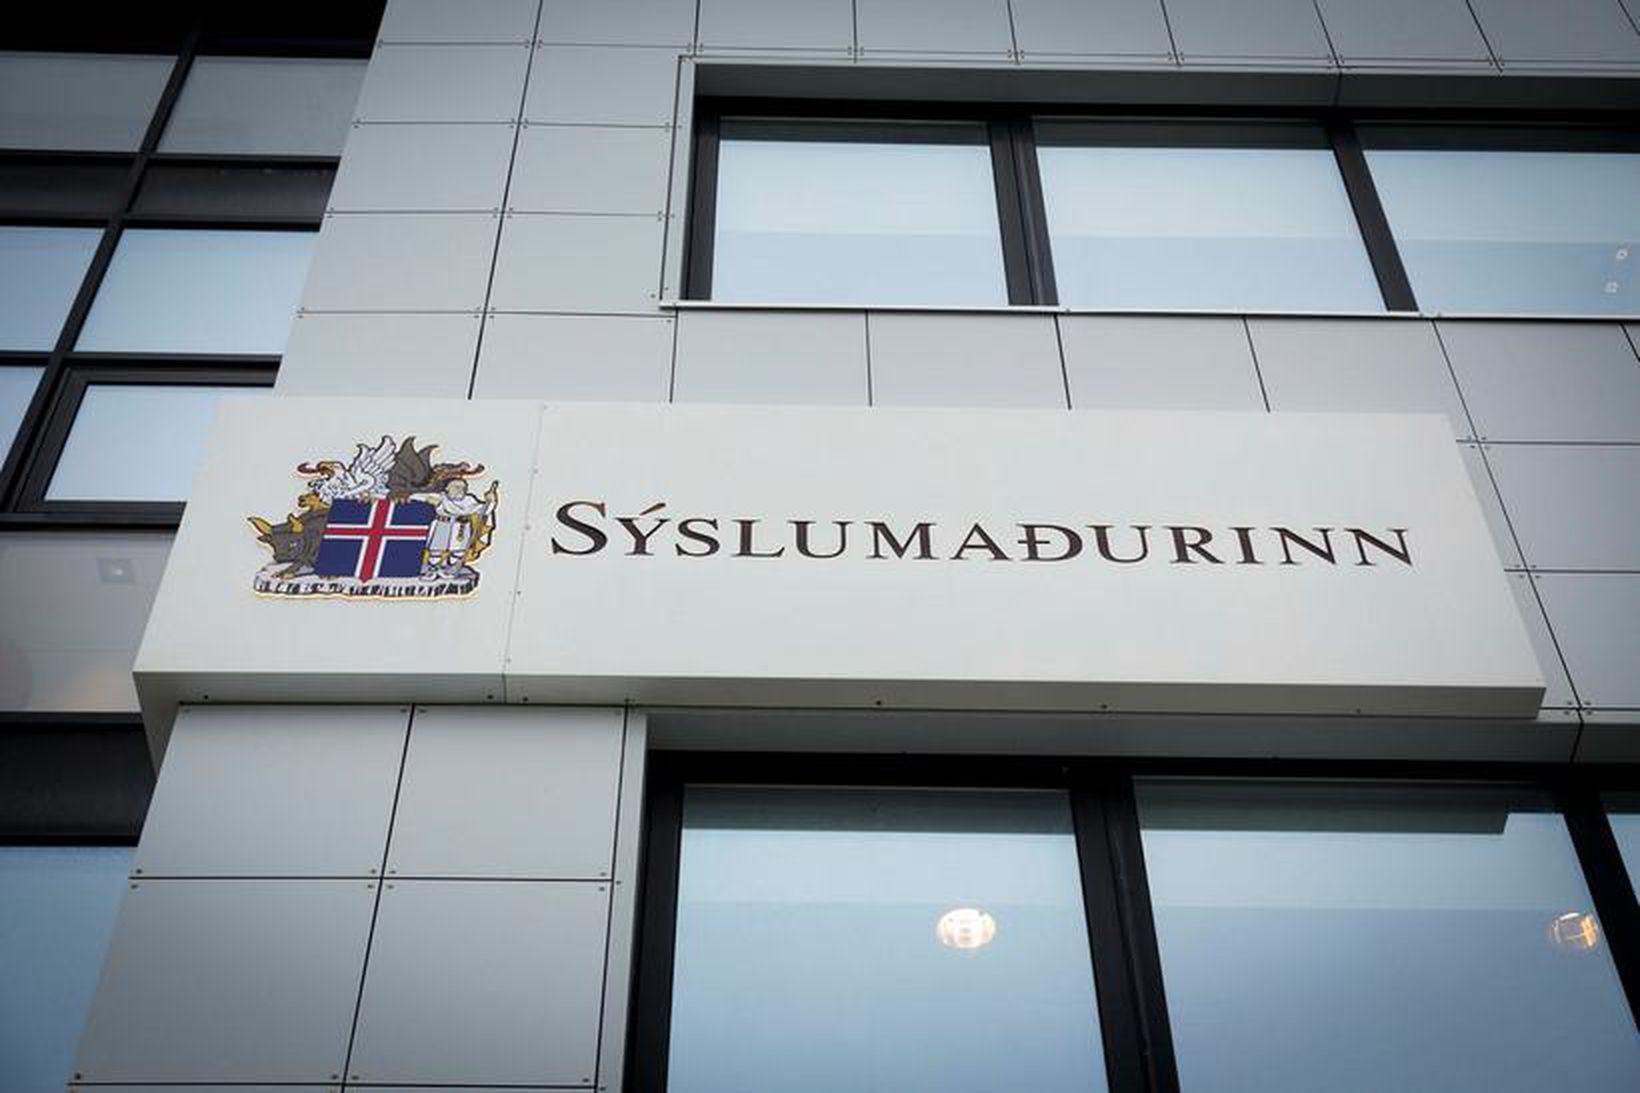 Fleiri starfsmenn þarf til að vinna að fjölskyldumálum.